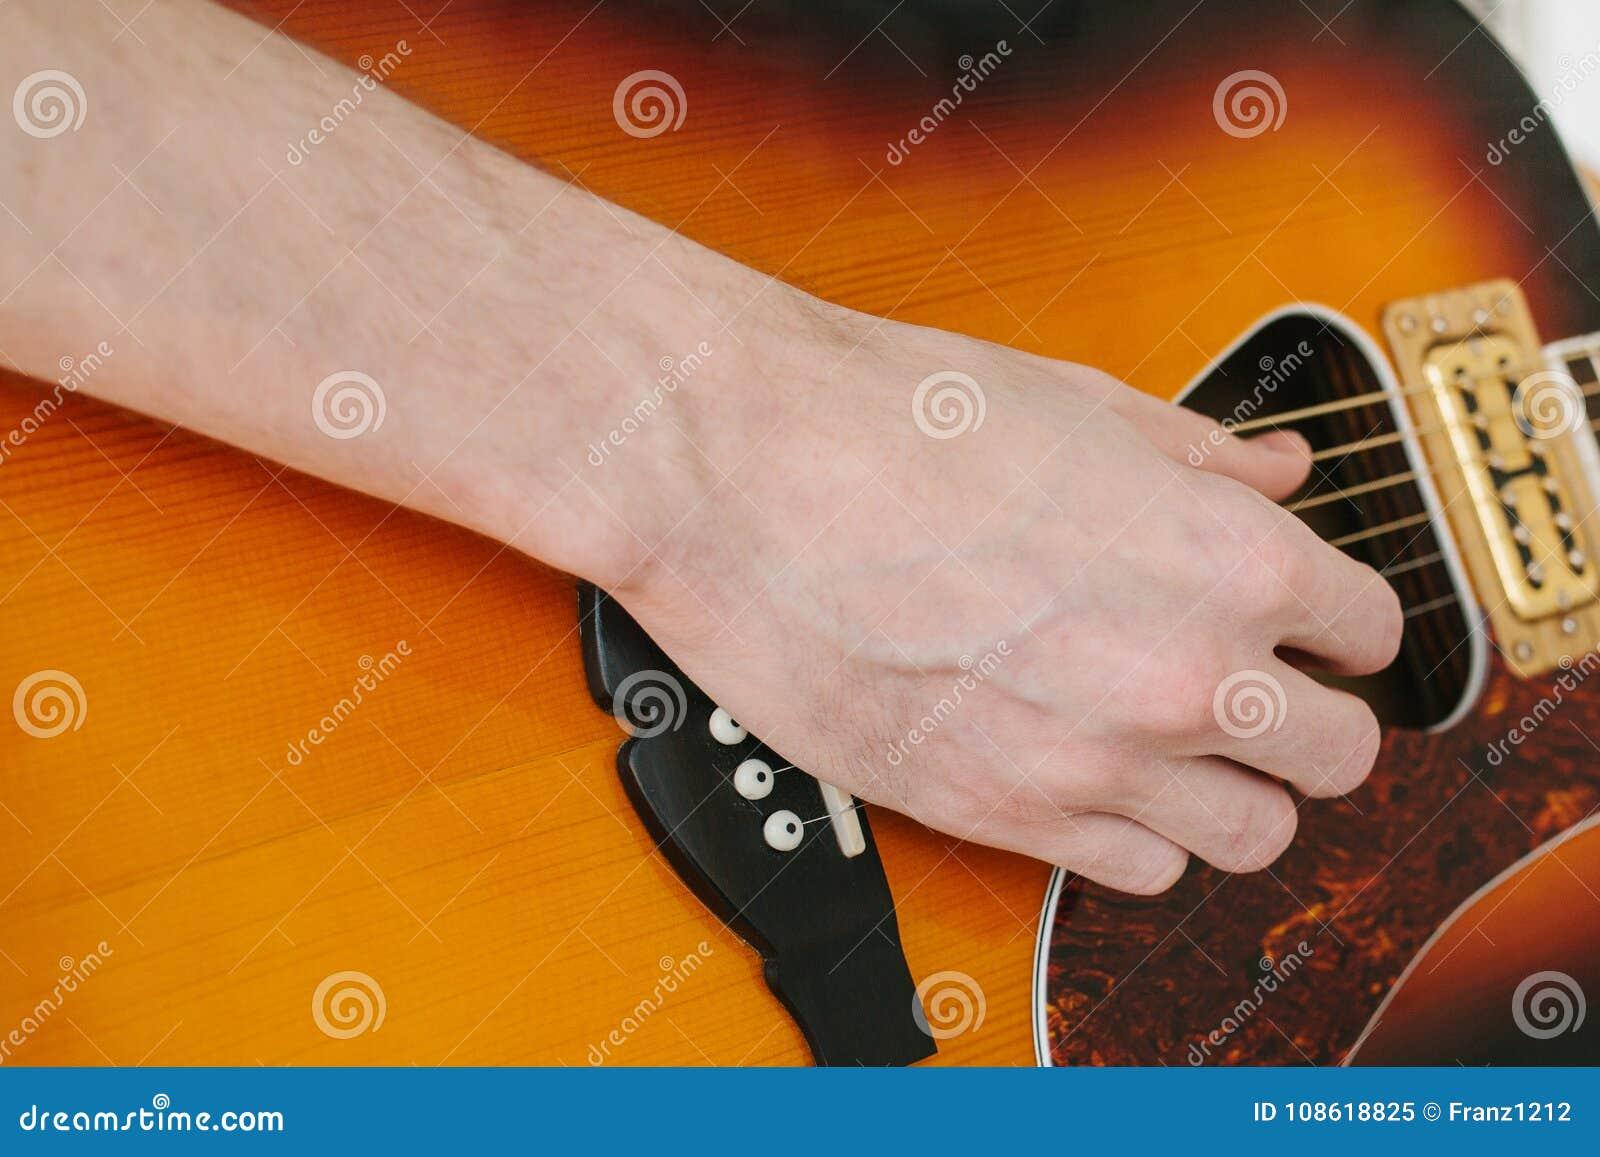 Gitarr som lärer spelrum till Musikutbildning och extracurricular kurser Hobbyer och entusiasm för att spela gitarren och